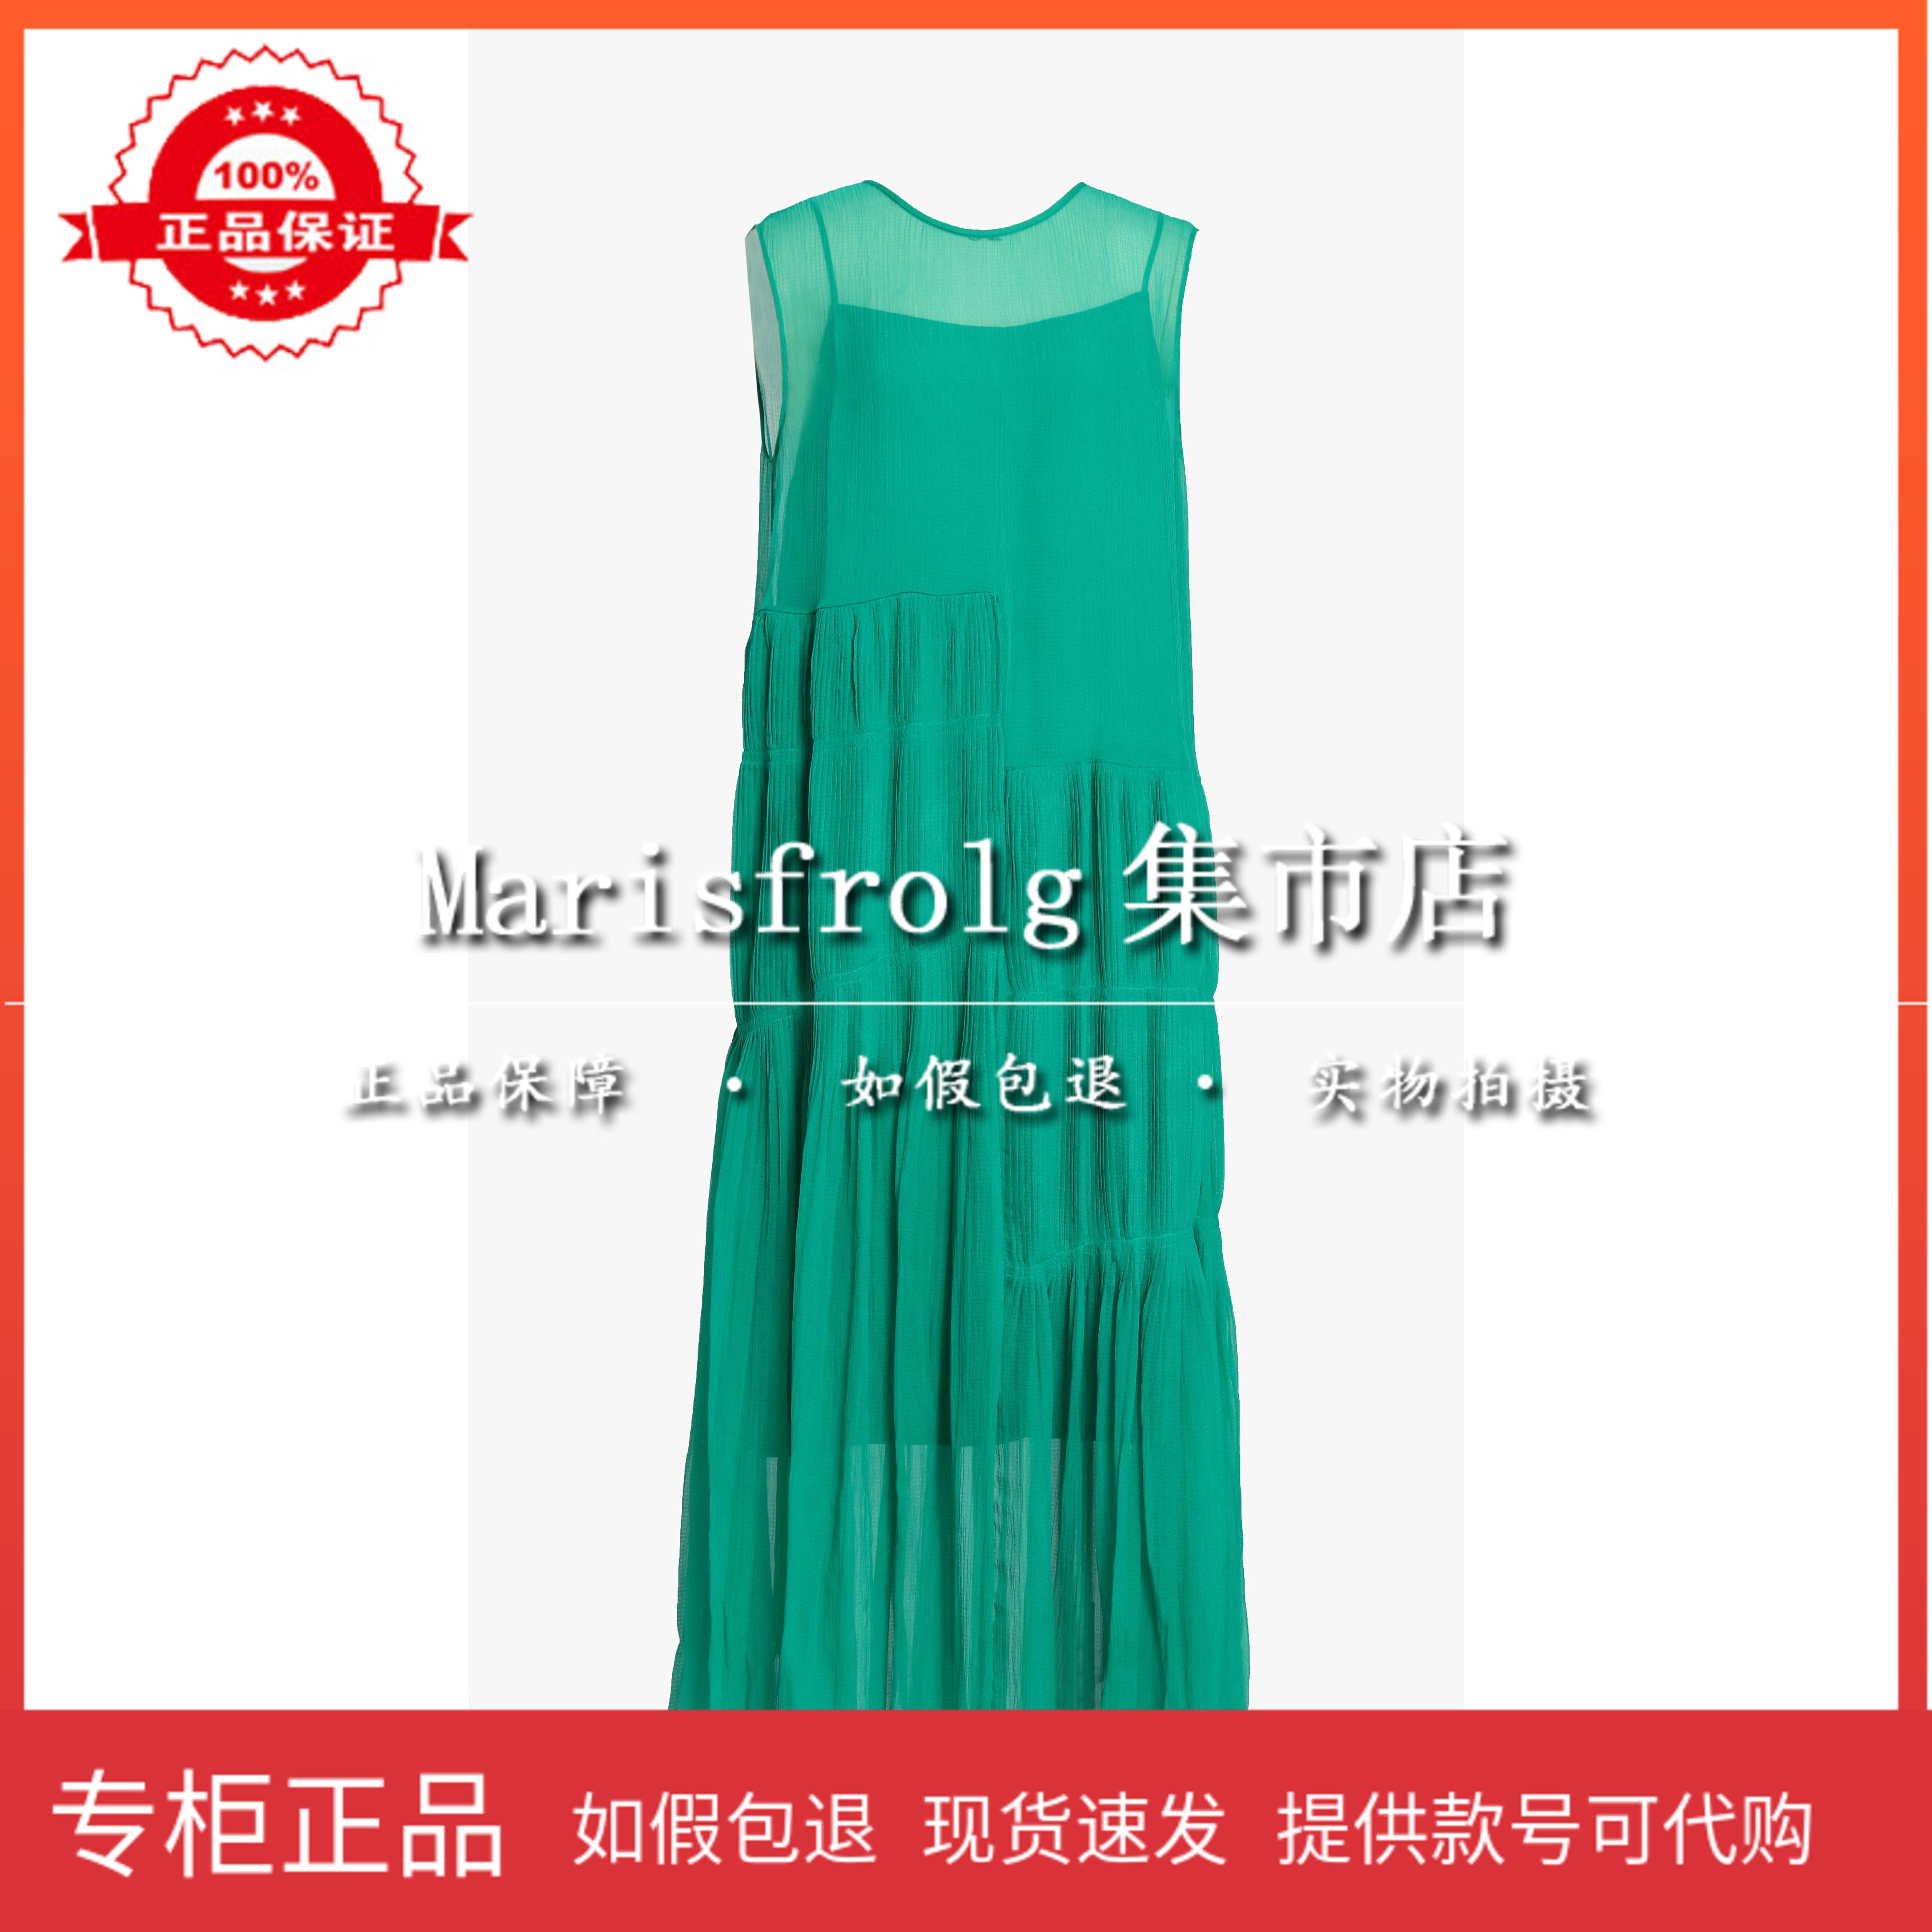 玛丝菲尔代购 国内代购 玛丝菲尔2020夏季新款专柜正品连衣裙女A1KT30936原3980_推荐淘宝好看的玛丝菲尔代购